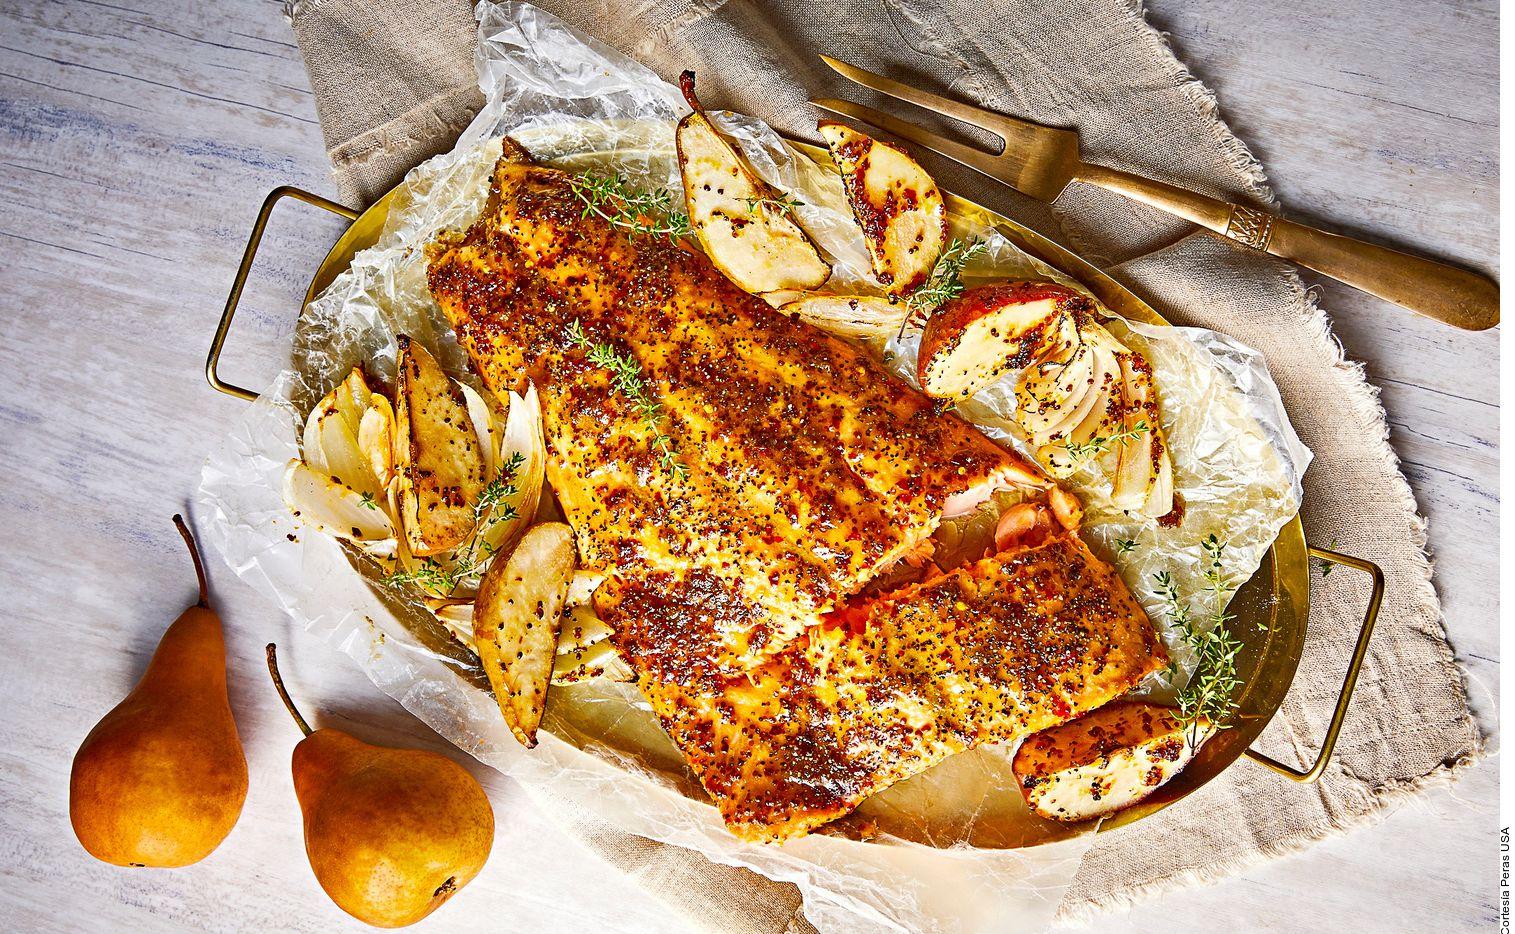 El salmón al horno en cama de pera se elabora al licuar la pera Anjou con la mantequilla. Mezclar con la mostaza, la miel, los ajo y el chile. Salpimentar.